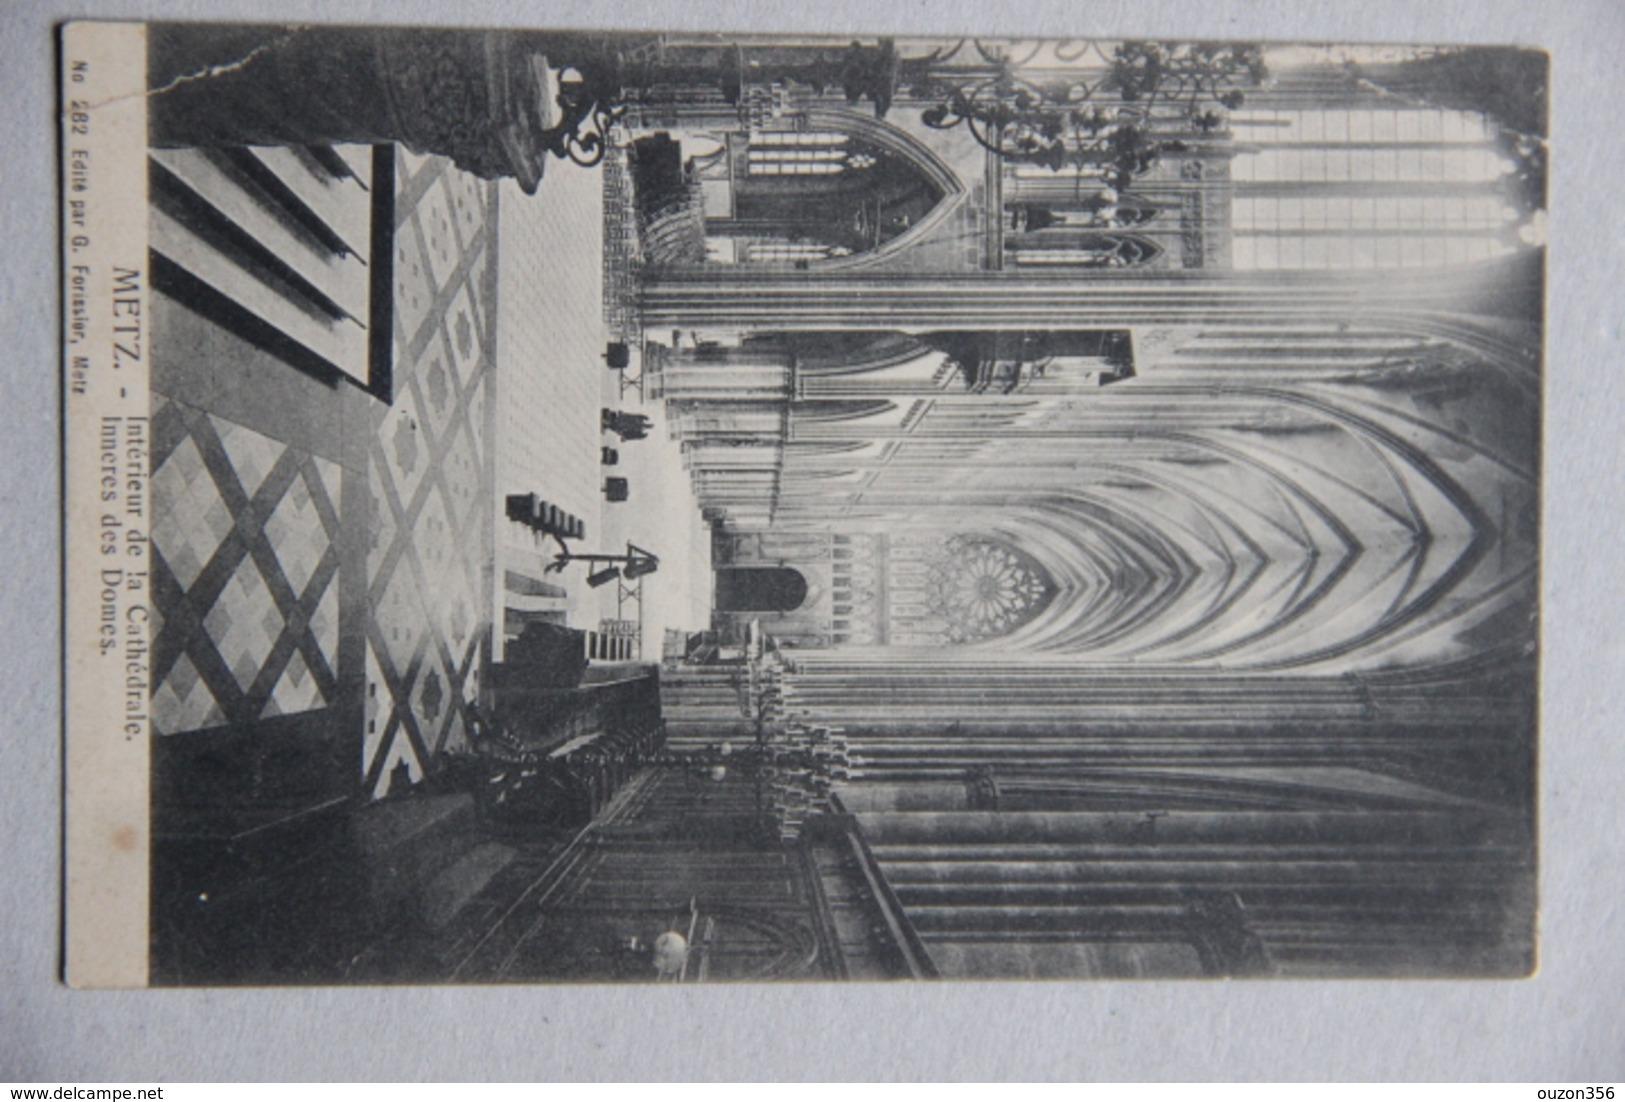 Architecte D Interieur Moselle metz (moselle), intérieur de la cathédrale (numéro d'objet: #451268403)